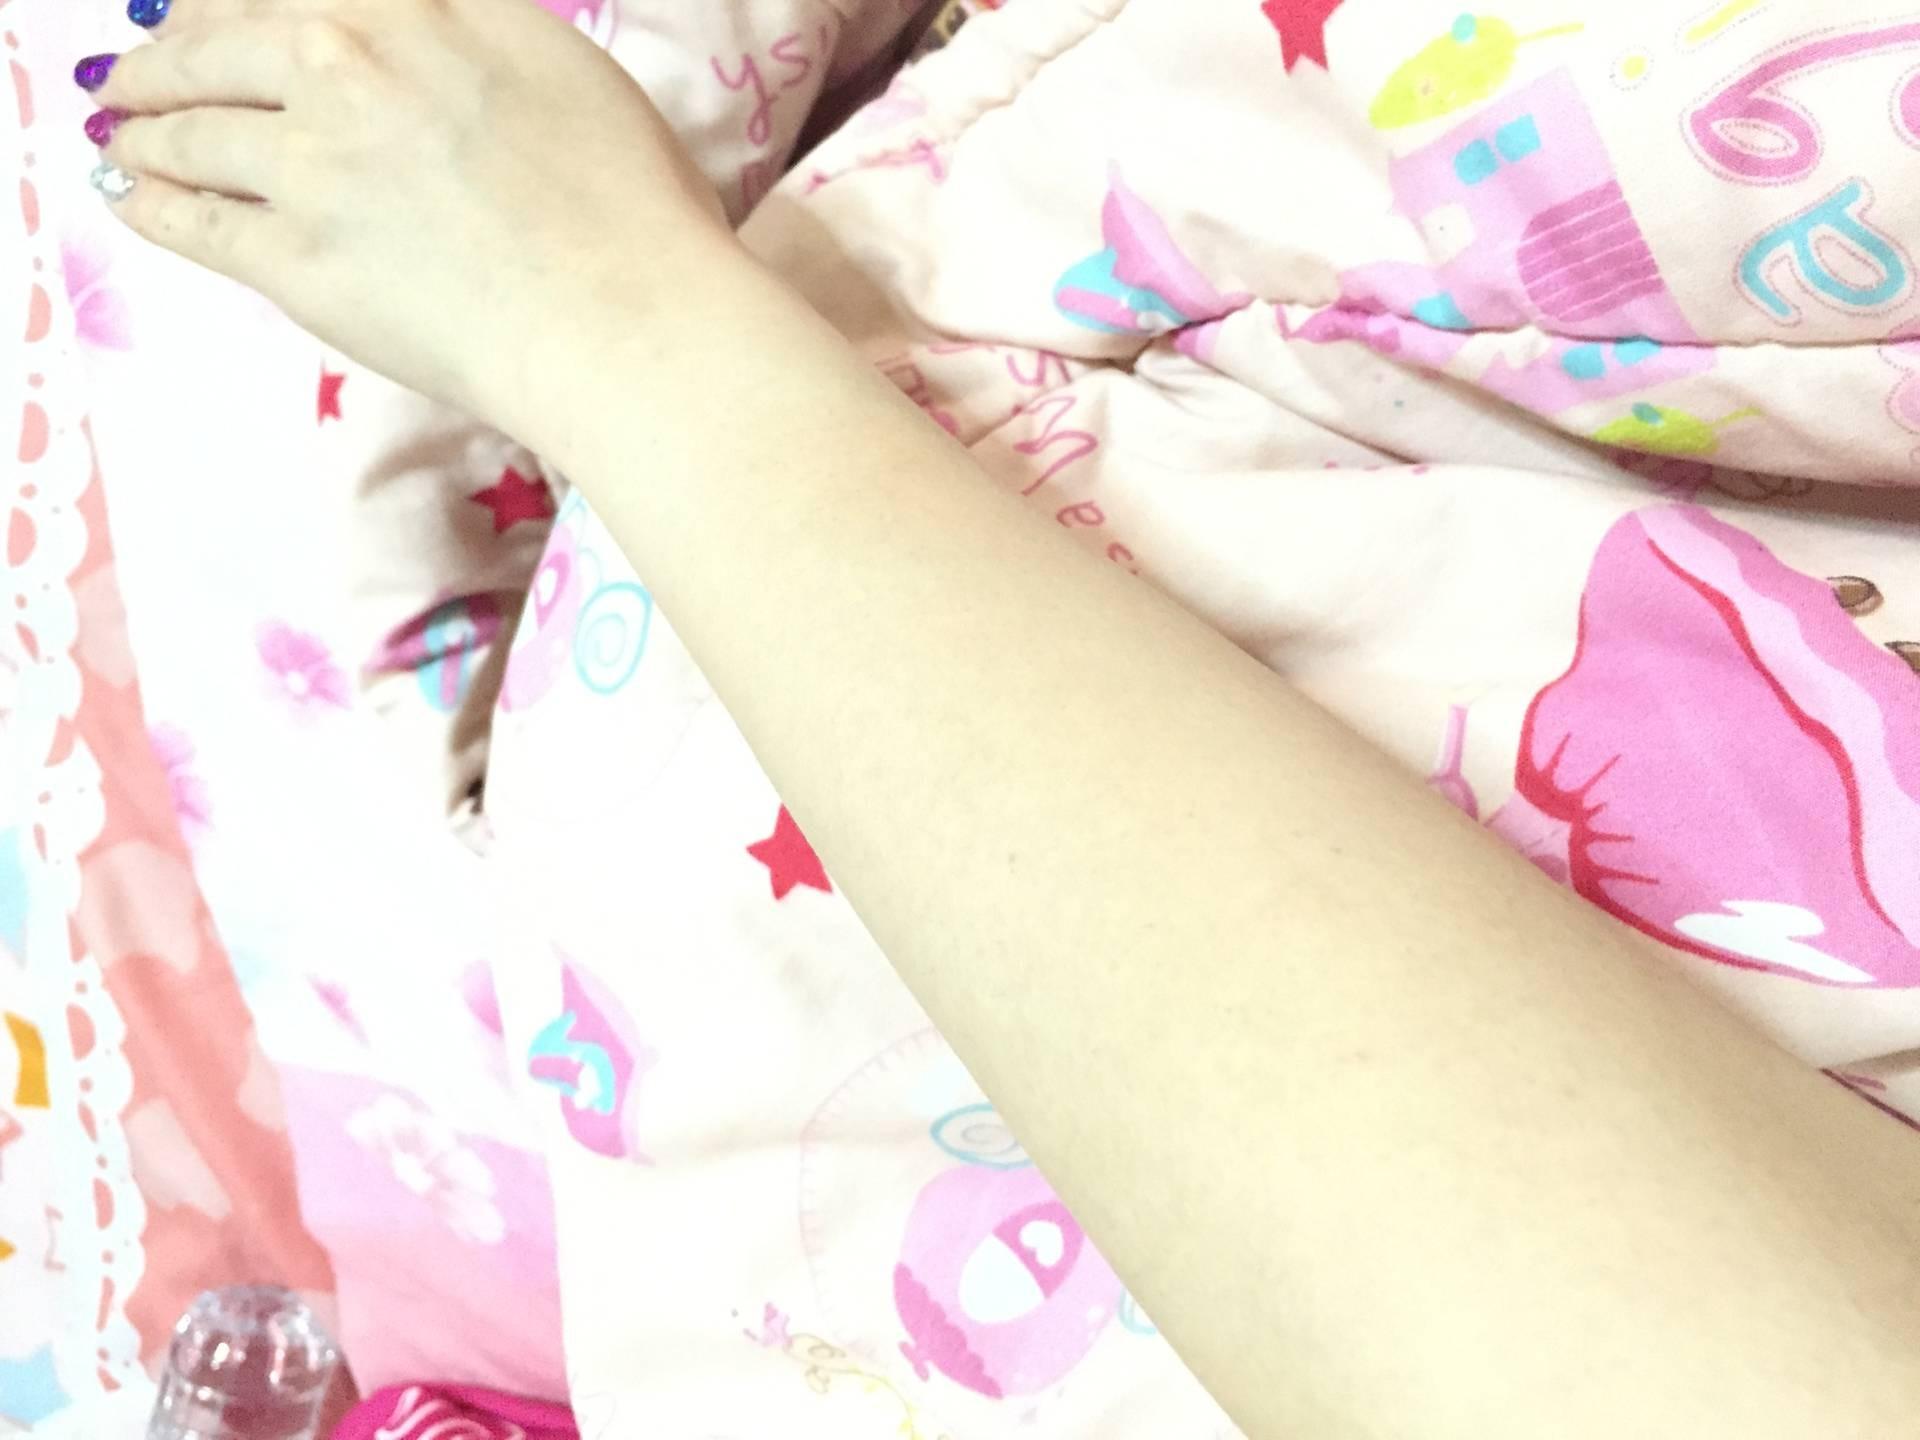 แขนตอนแว็กแล้วคะ ปกติขนเยอะมากคะ